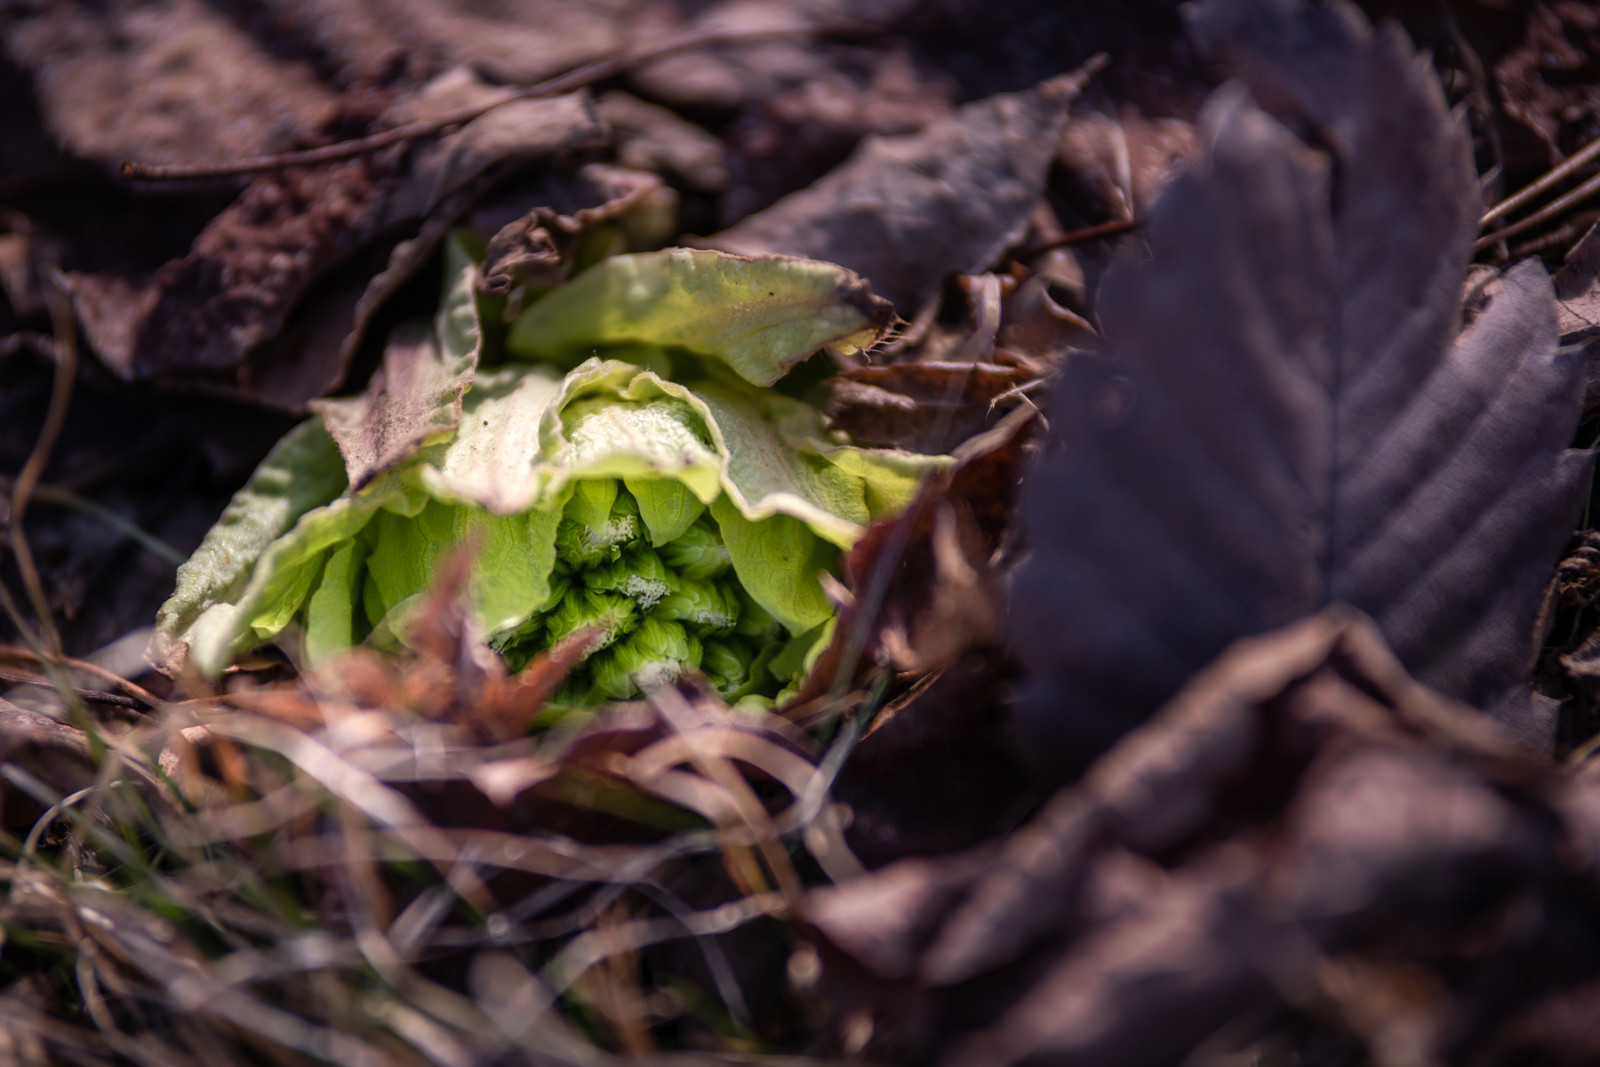 「落ち葉の中から顔を出す蕗の薹」の写真